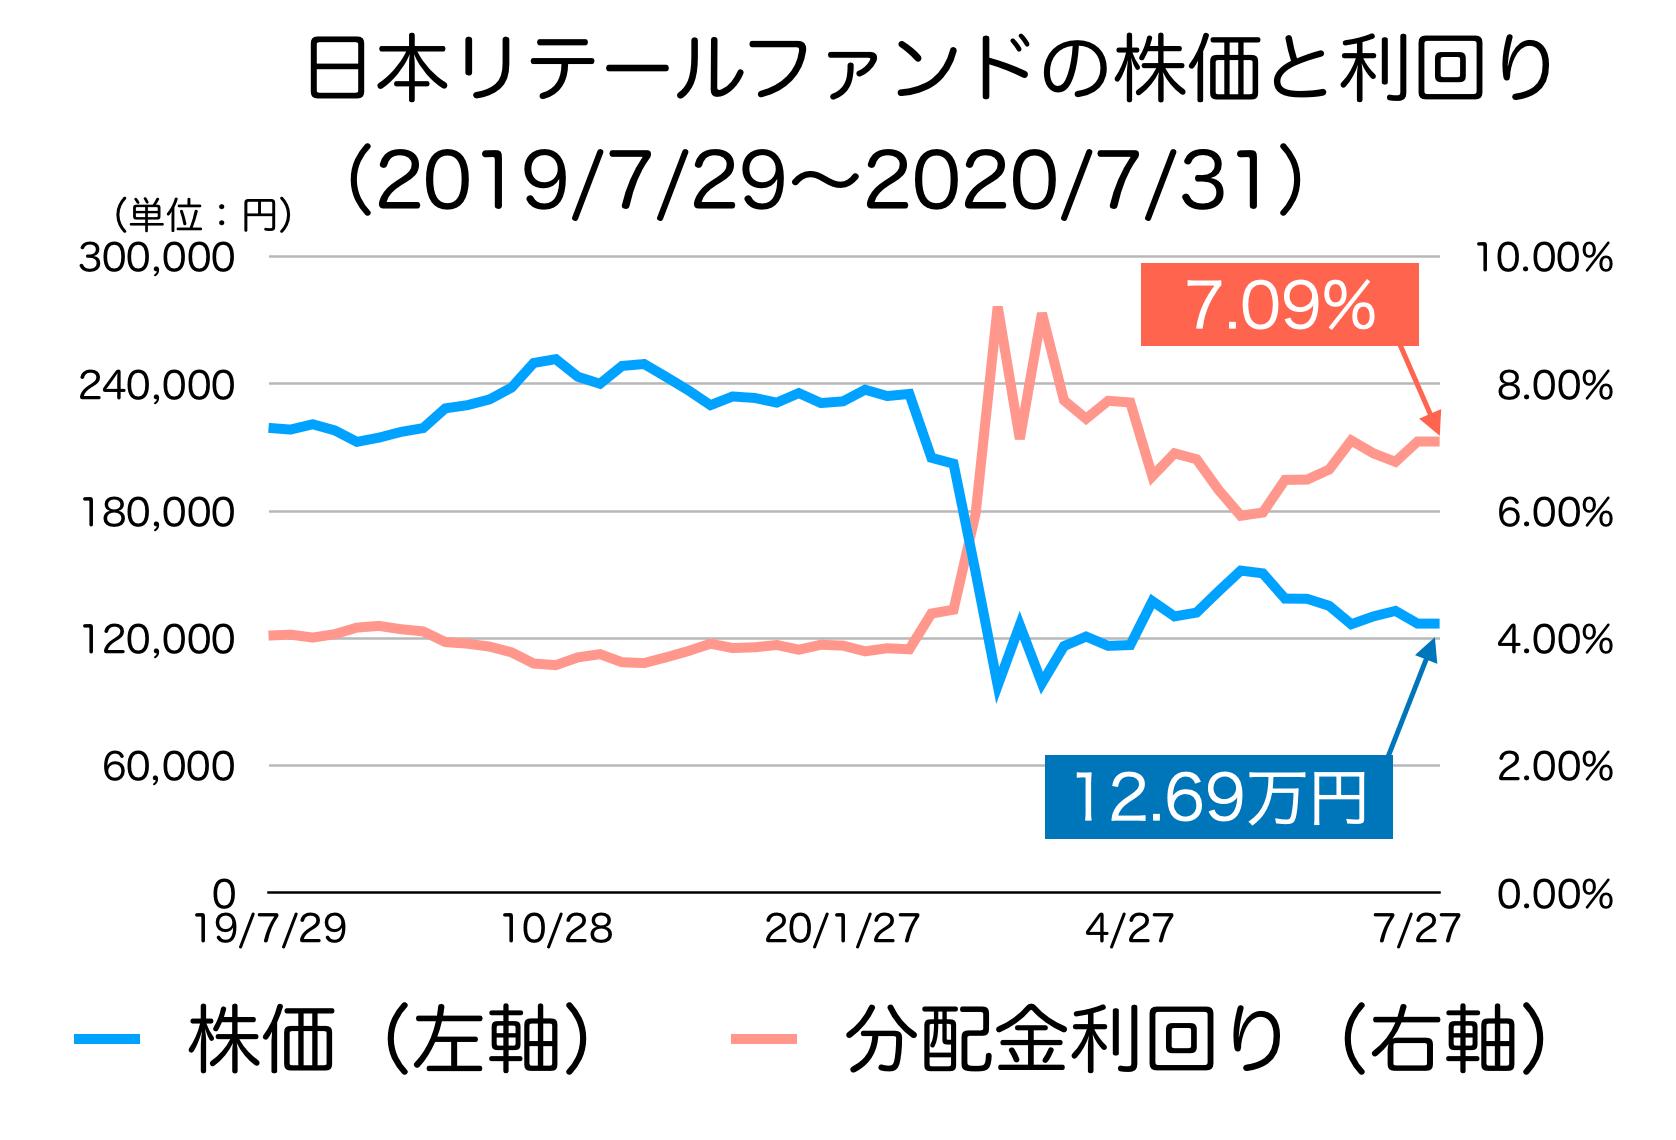 日本リテールファンド投資法人の株価と利回り